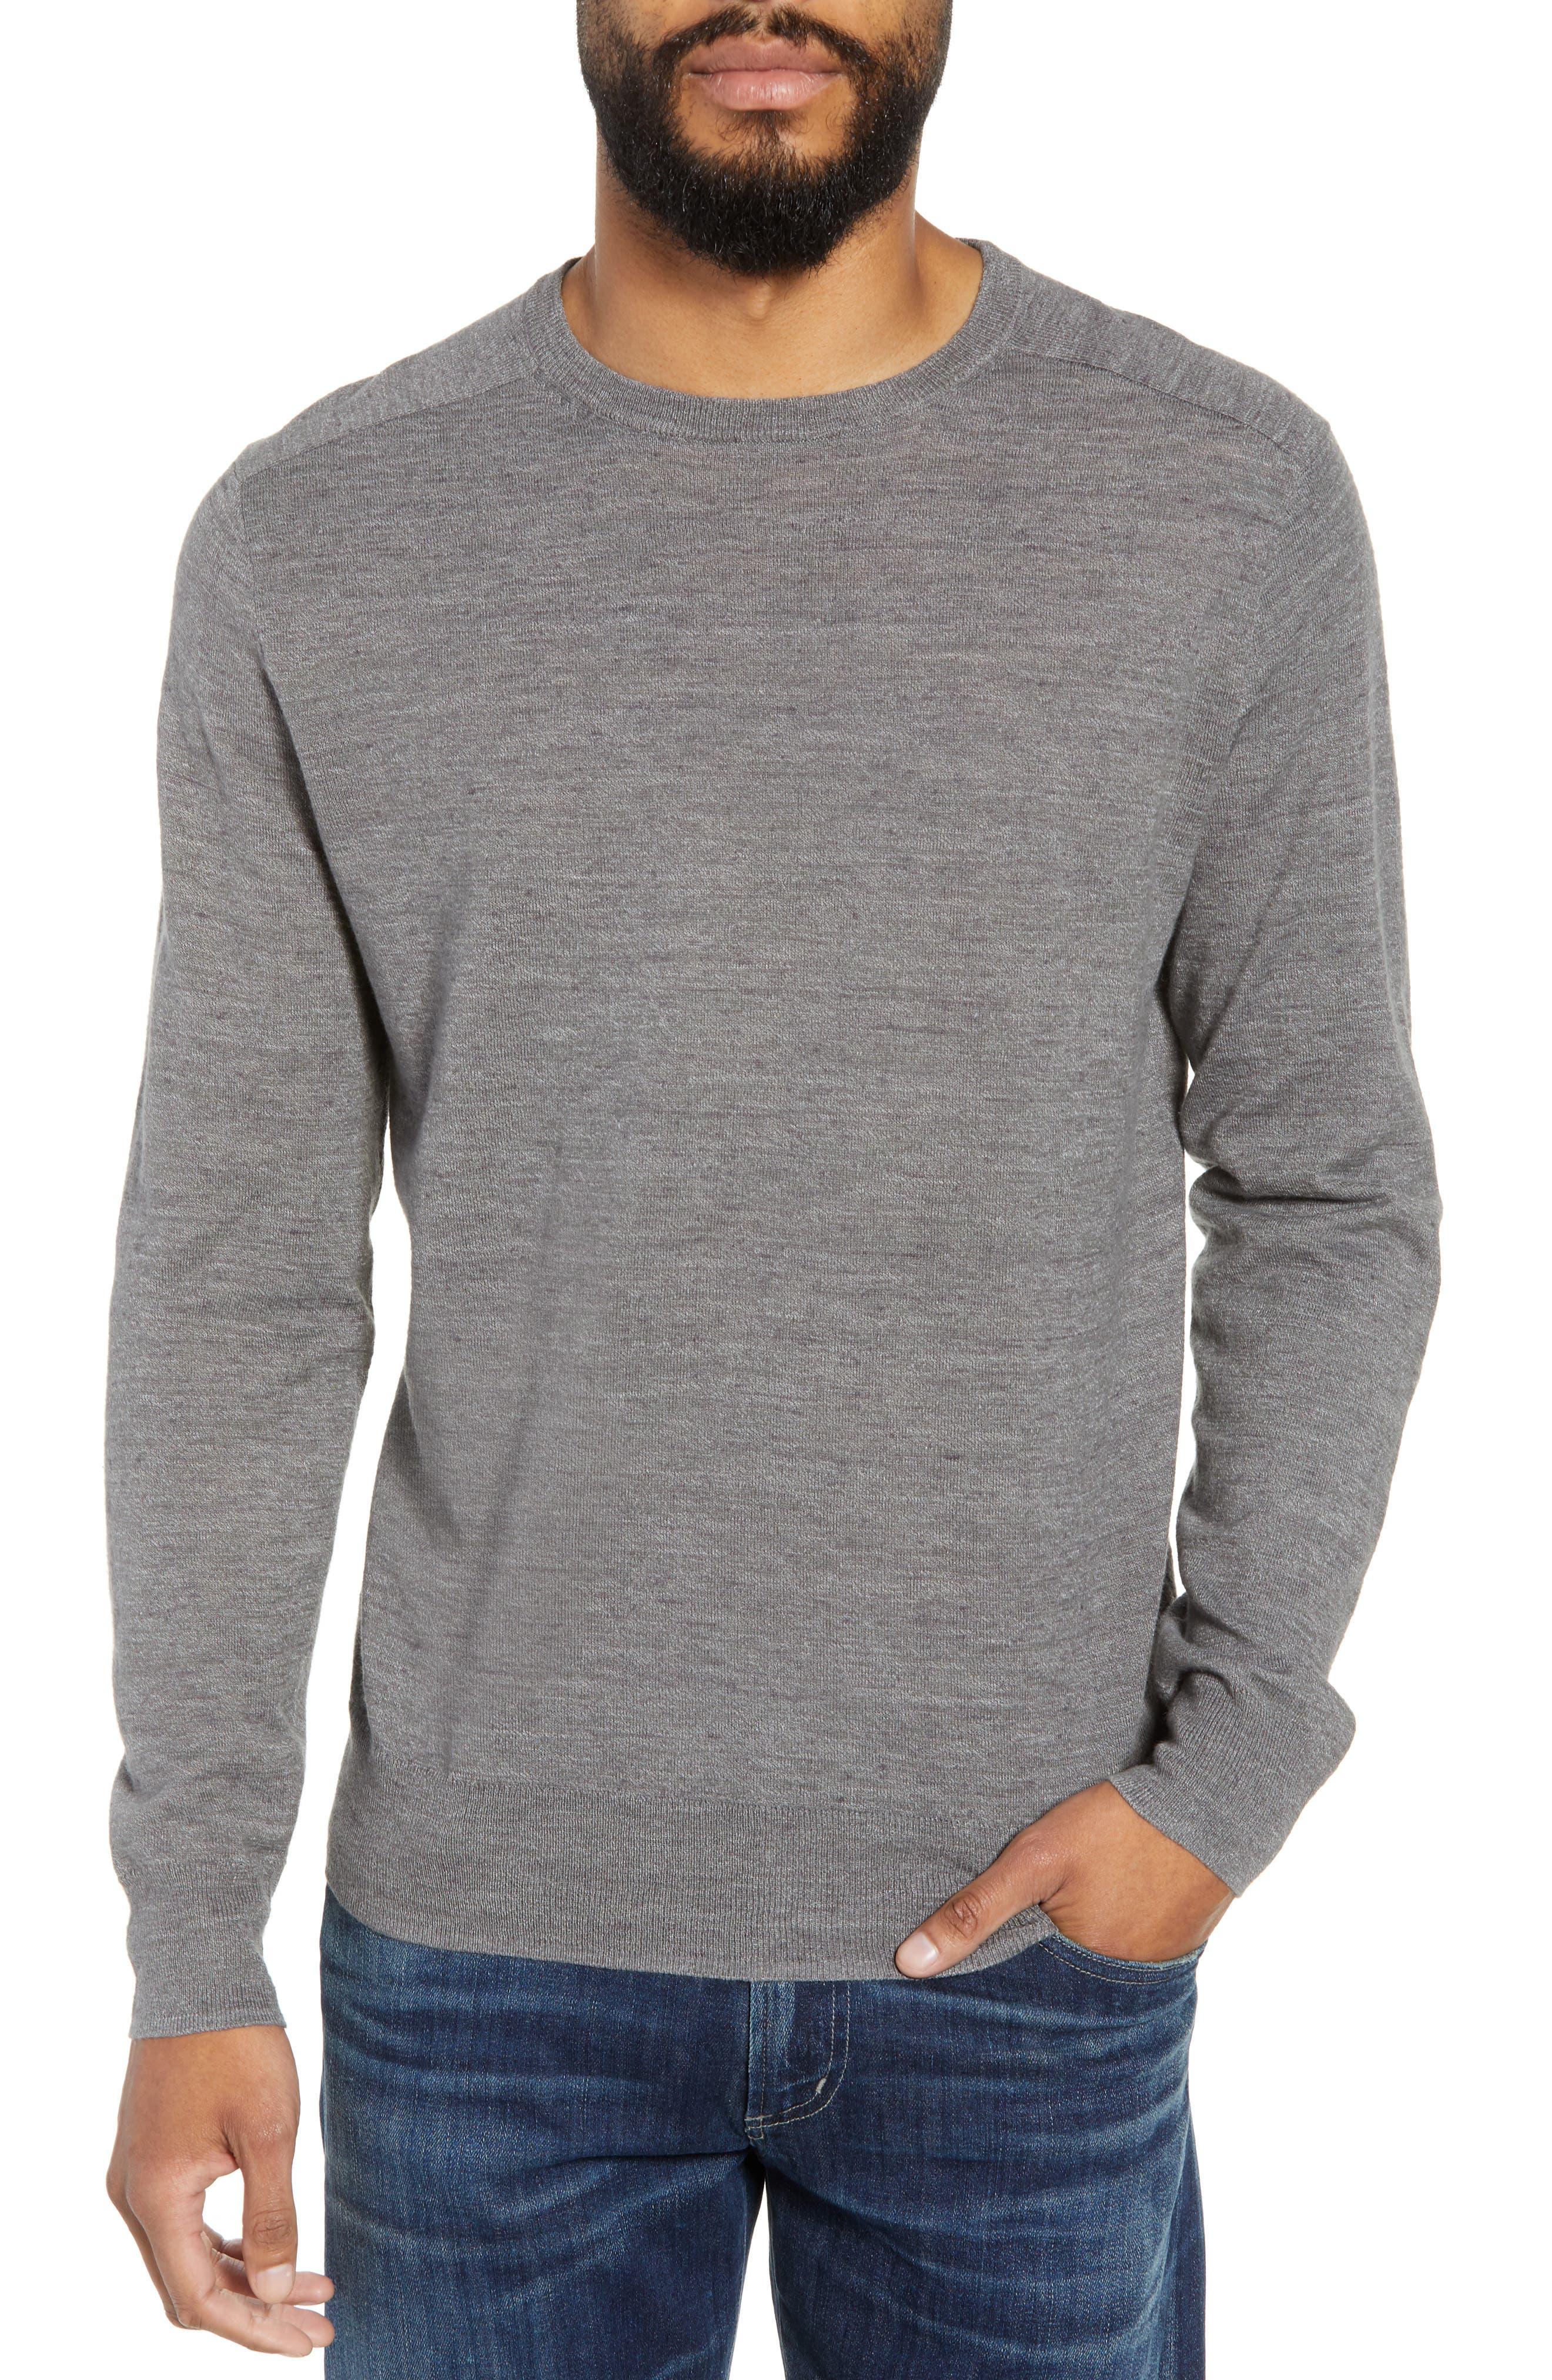 Cotton Blend Crewneck Sweater,                             Main thumbnail 1, color,                             022